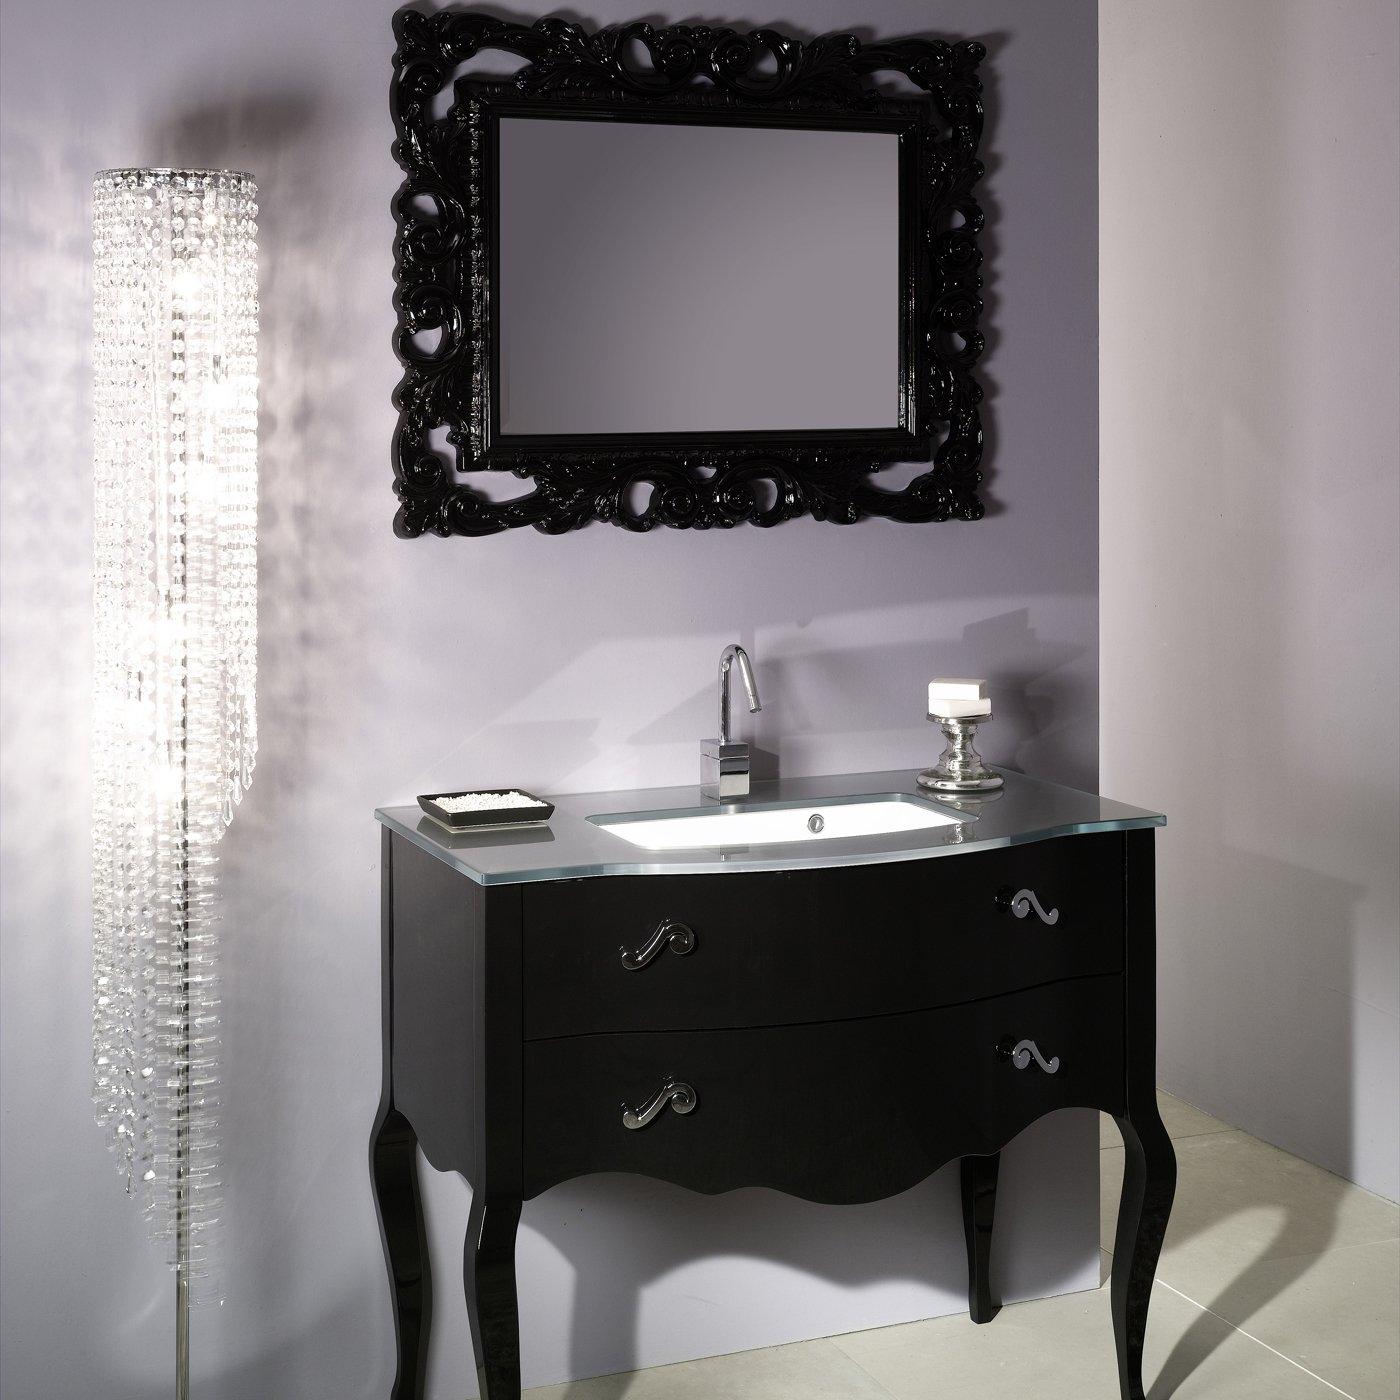 Bathroom Mirror Going Blackfancy bathroom wall mirrors harpsoundsco